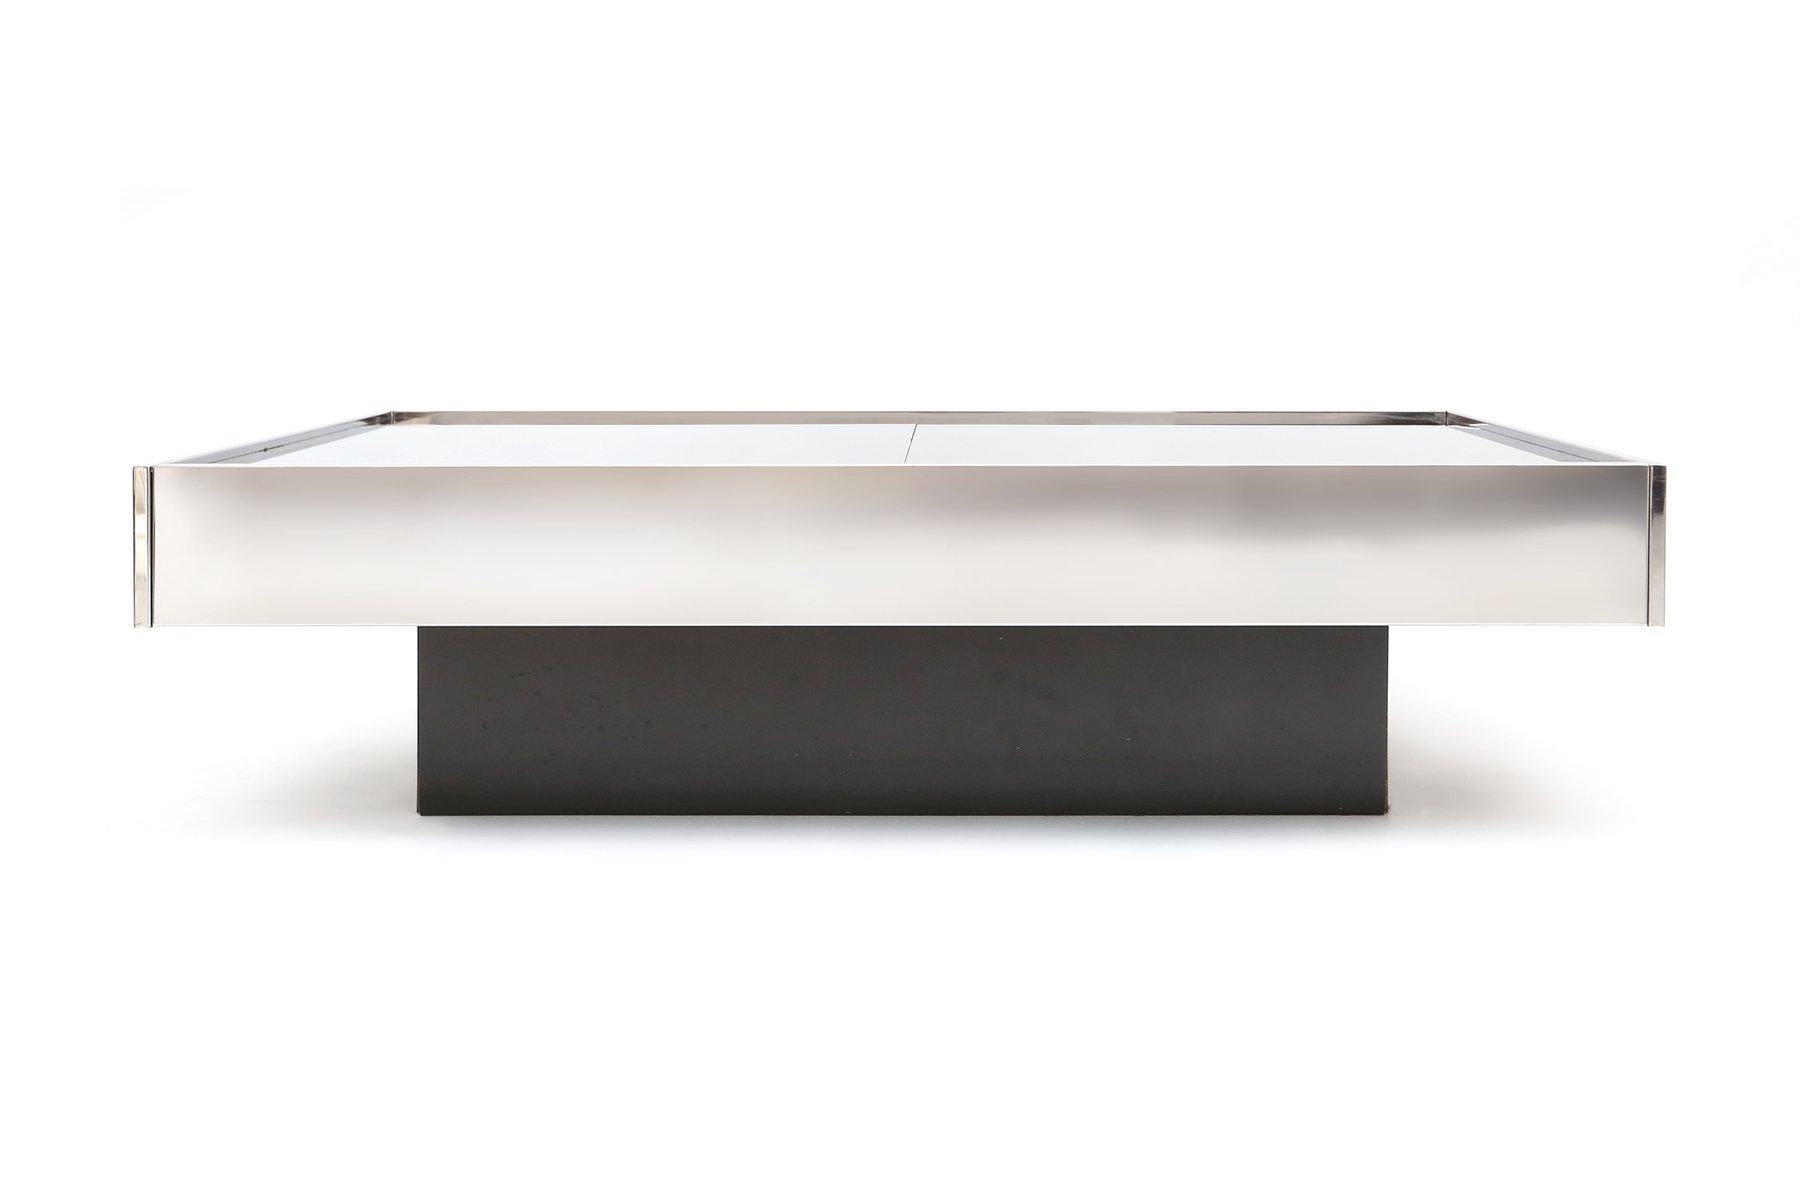 table basse vintage extensible par willy rizzo pour cidue en vente sur pamono. Black Bedroom Furniture Sets. Home Design Ideas